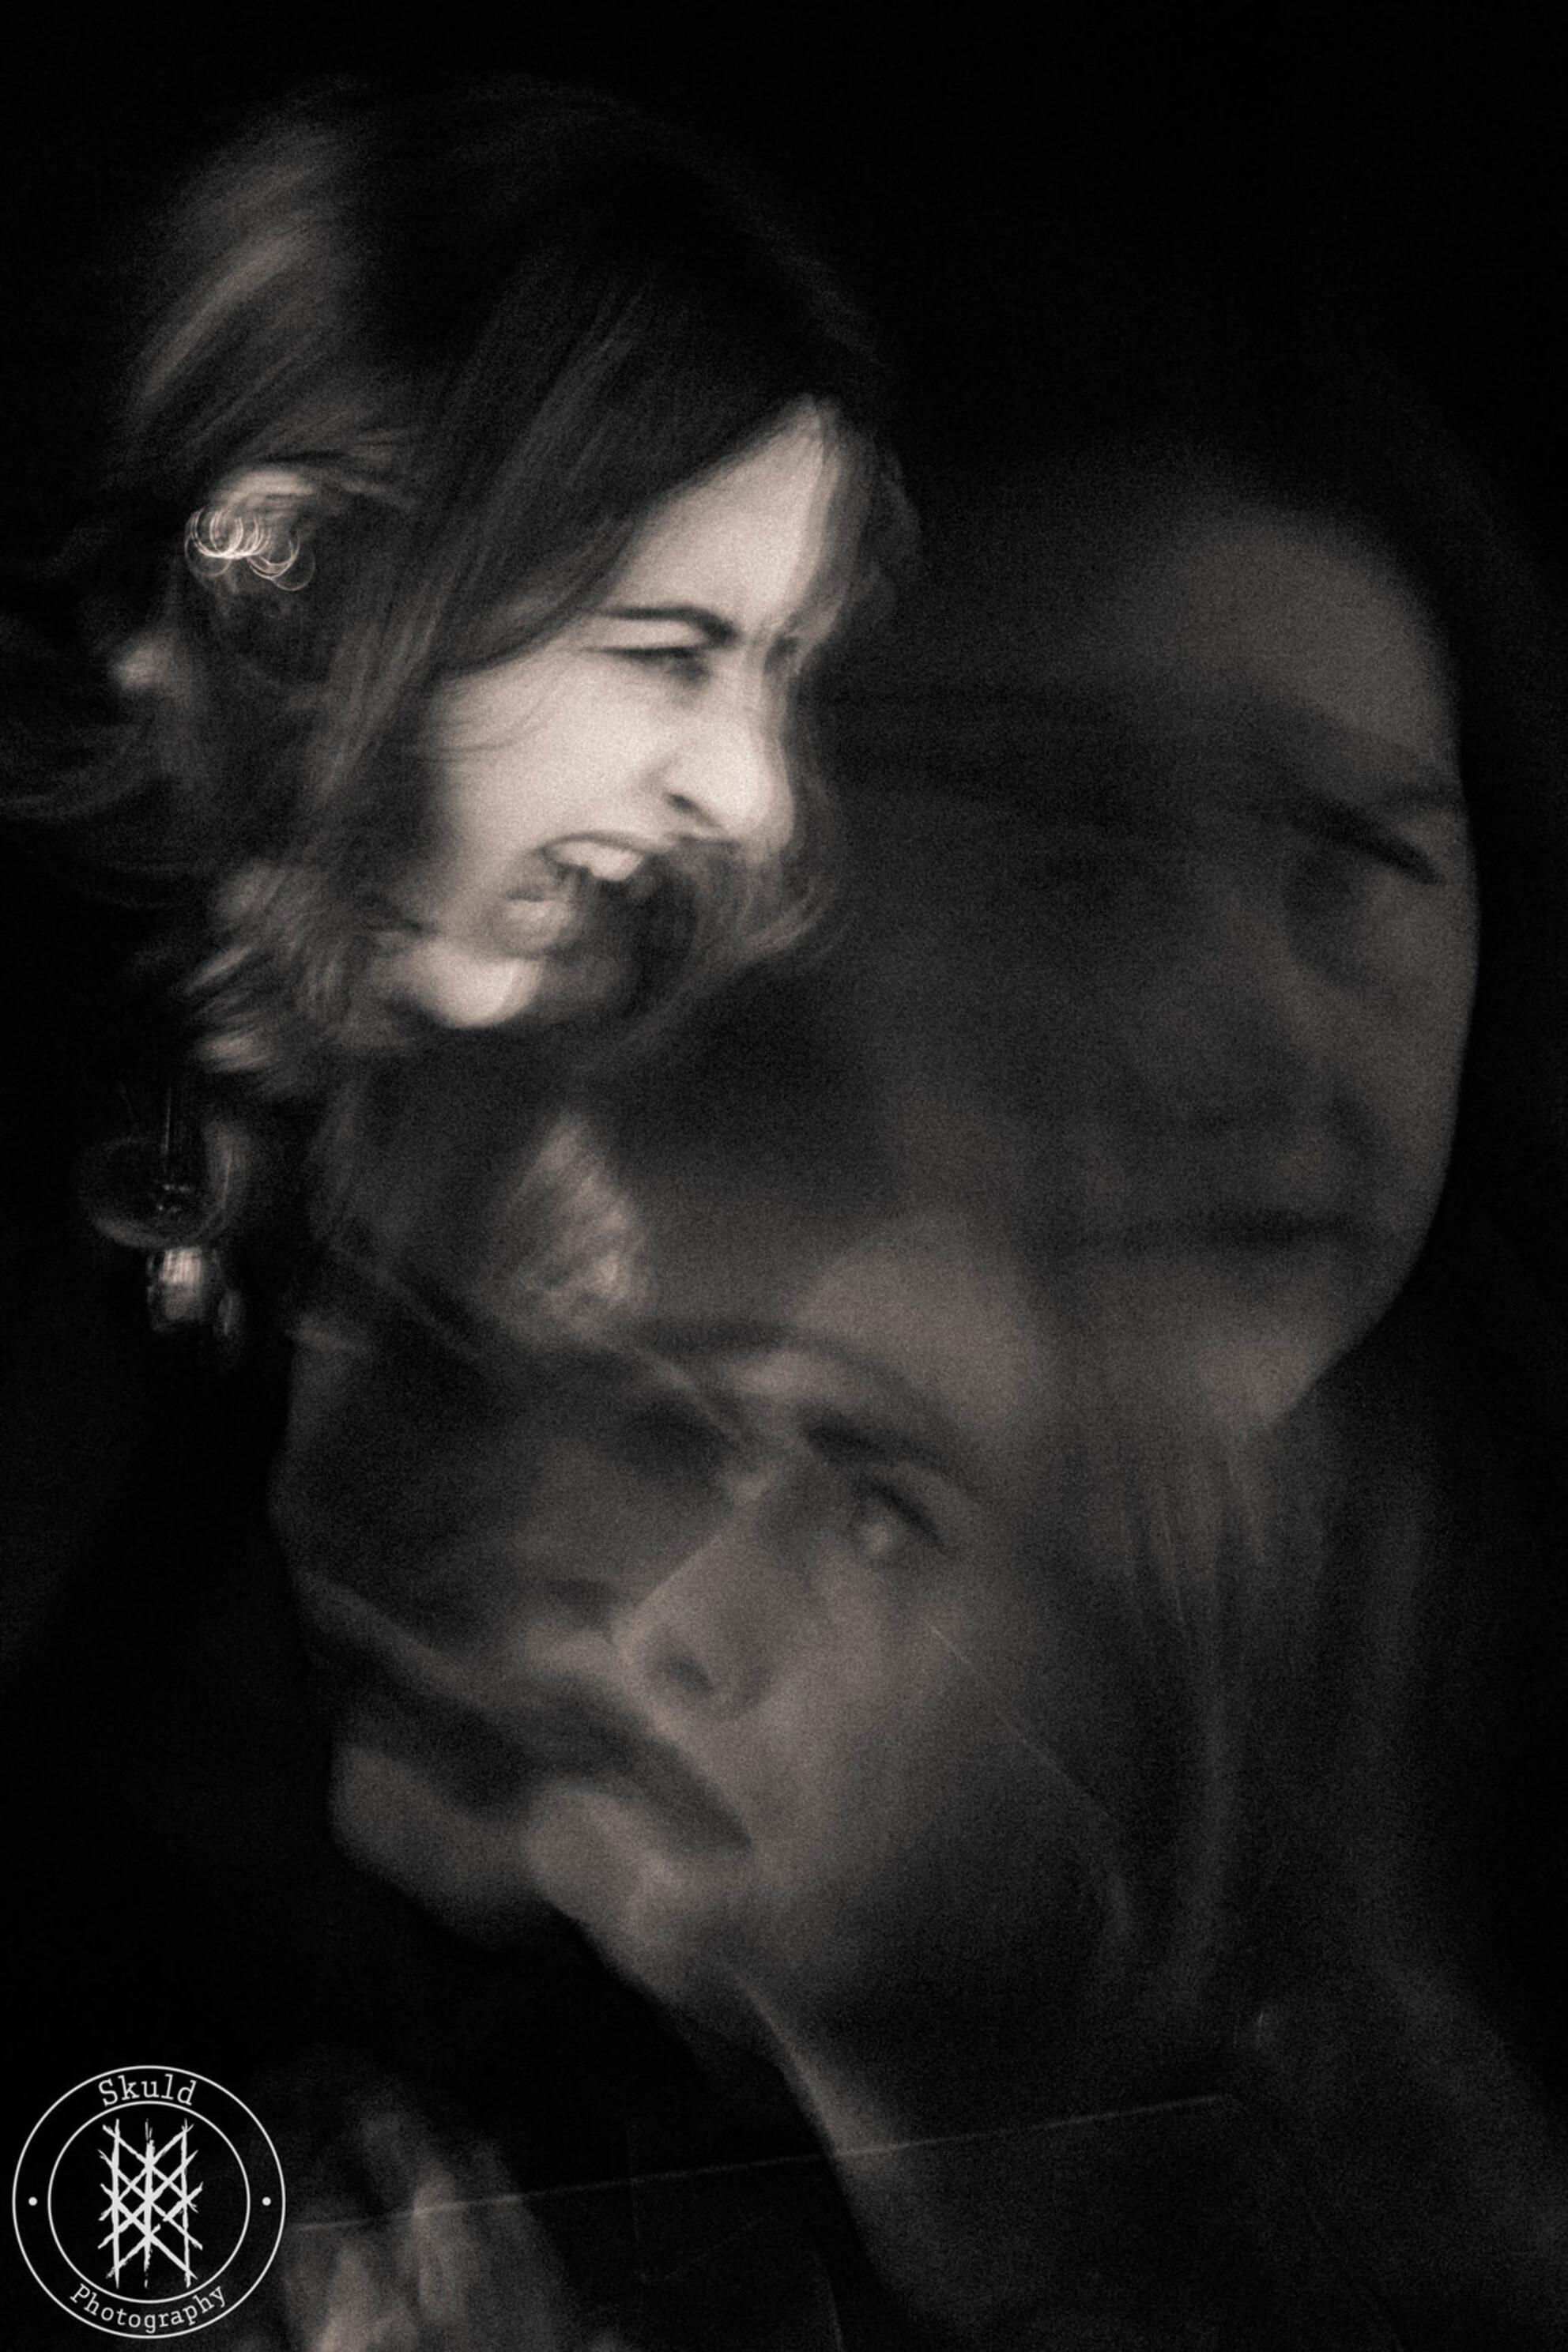 mixed emotions selfie - - - foto door Skuld op 27-02-2021 - deze foto bevat: 50mm